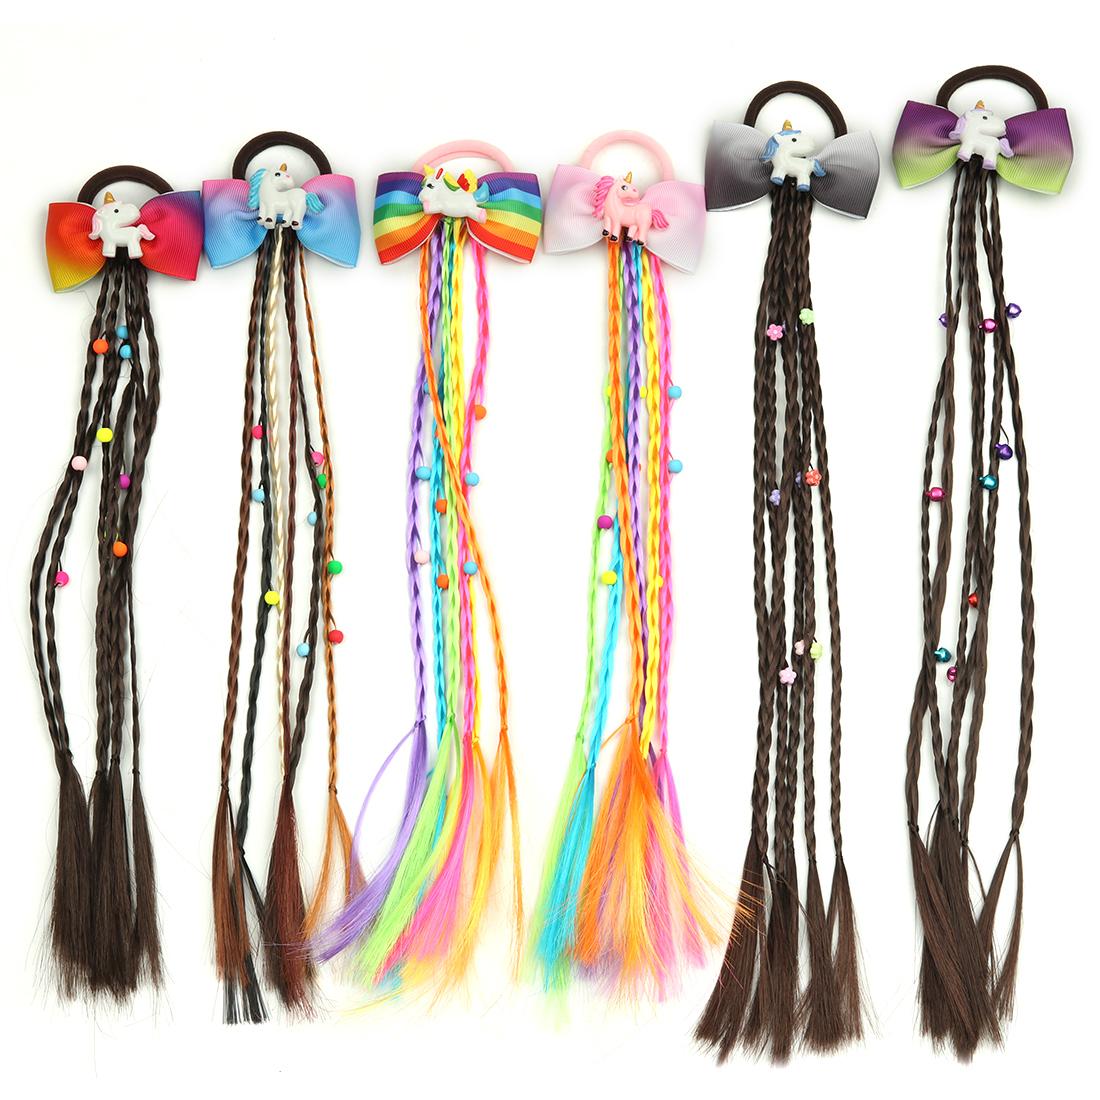 Women Elastic Hair Band Twist Wig Headband Bohemian Braided Headband For Kid Elastic Hair Rubber Band Hair Clip Accories